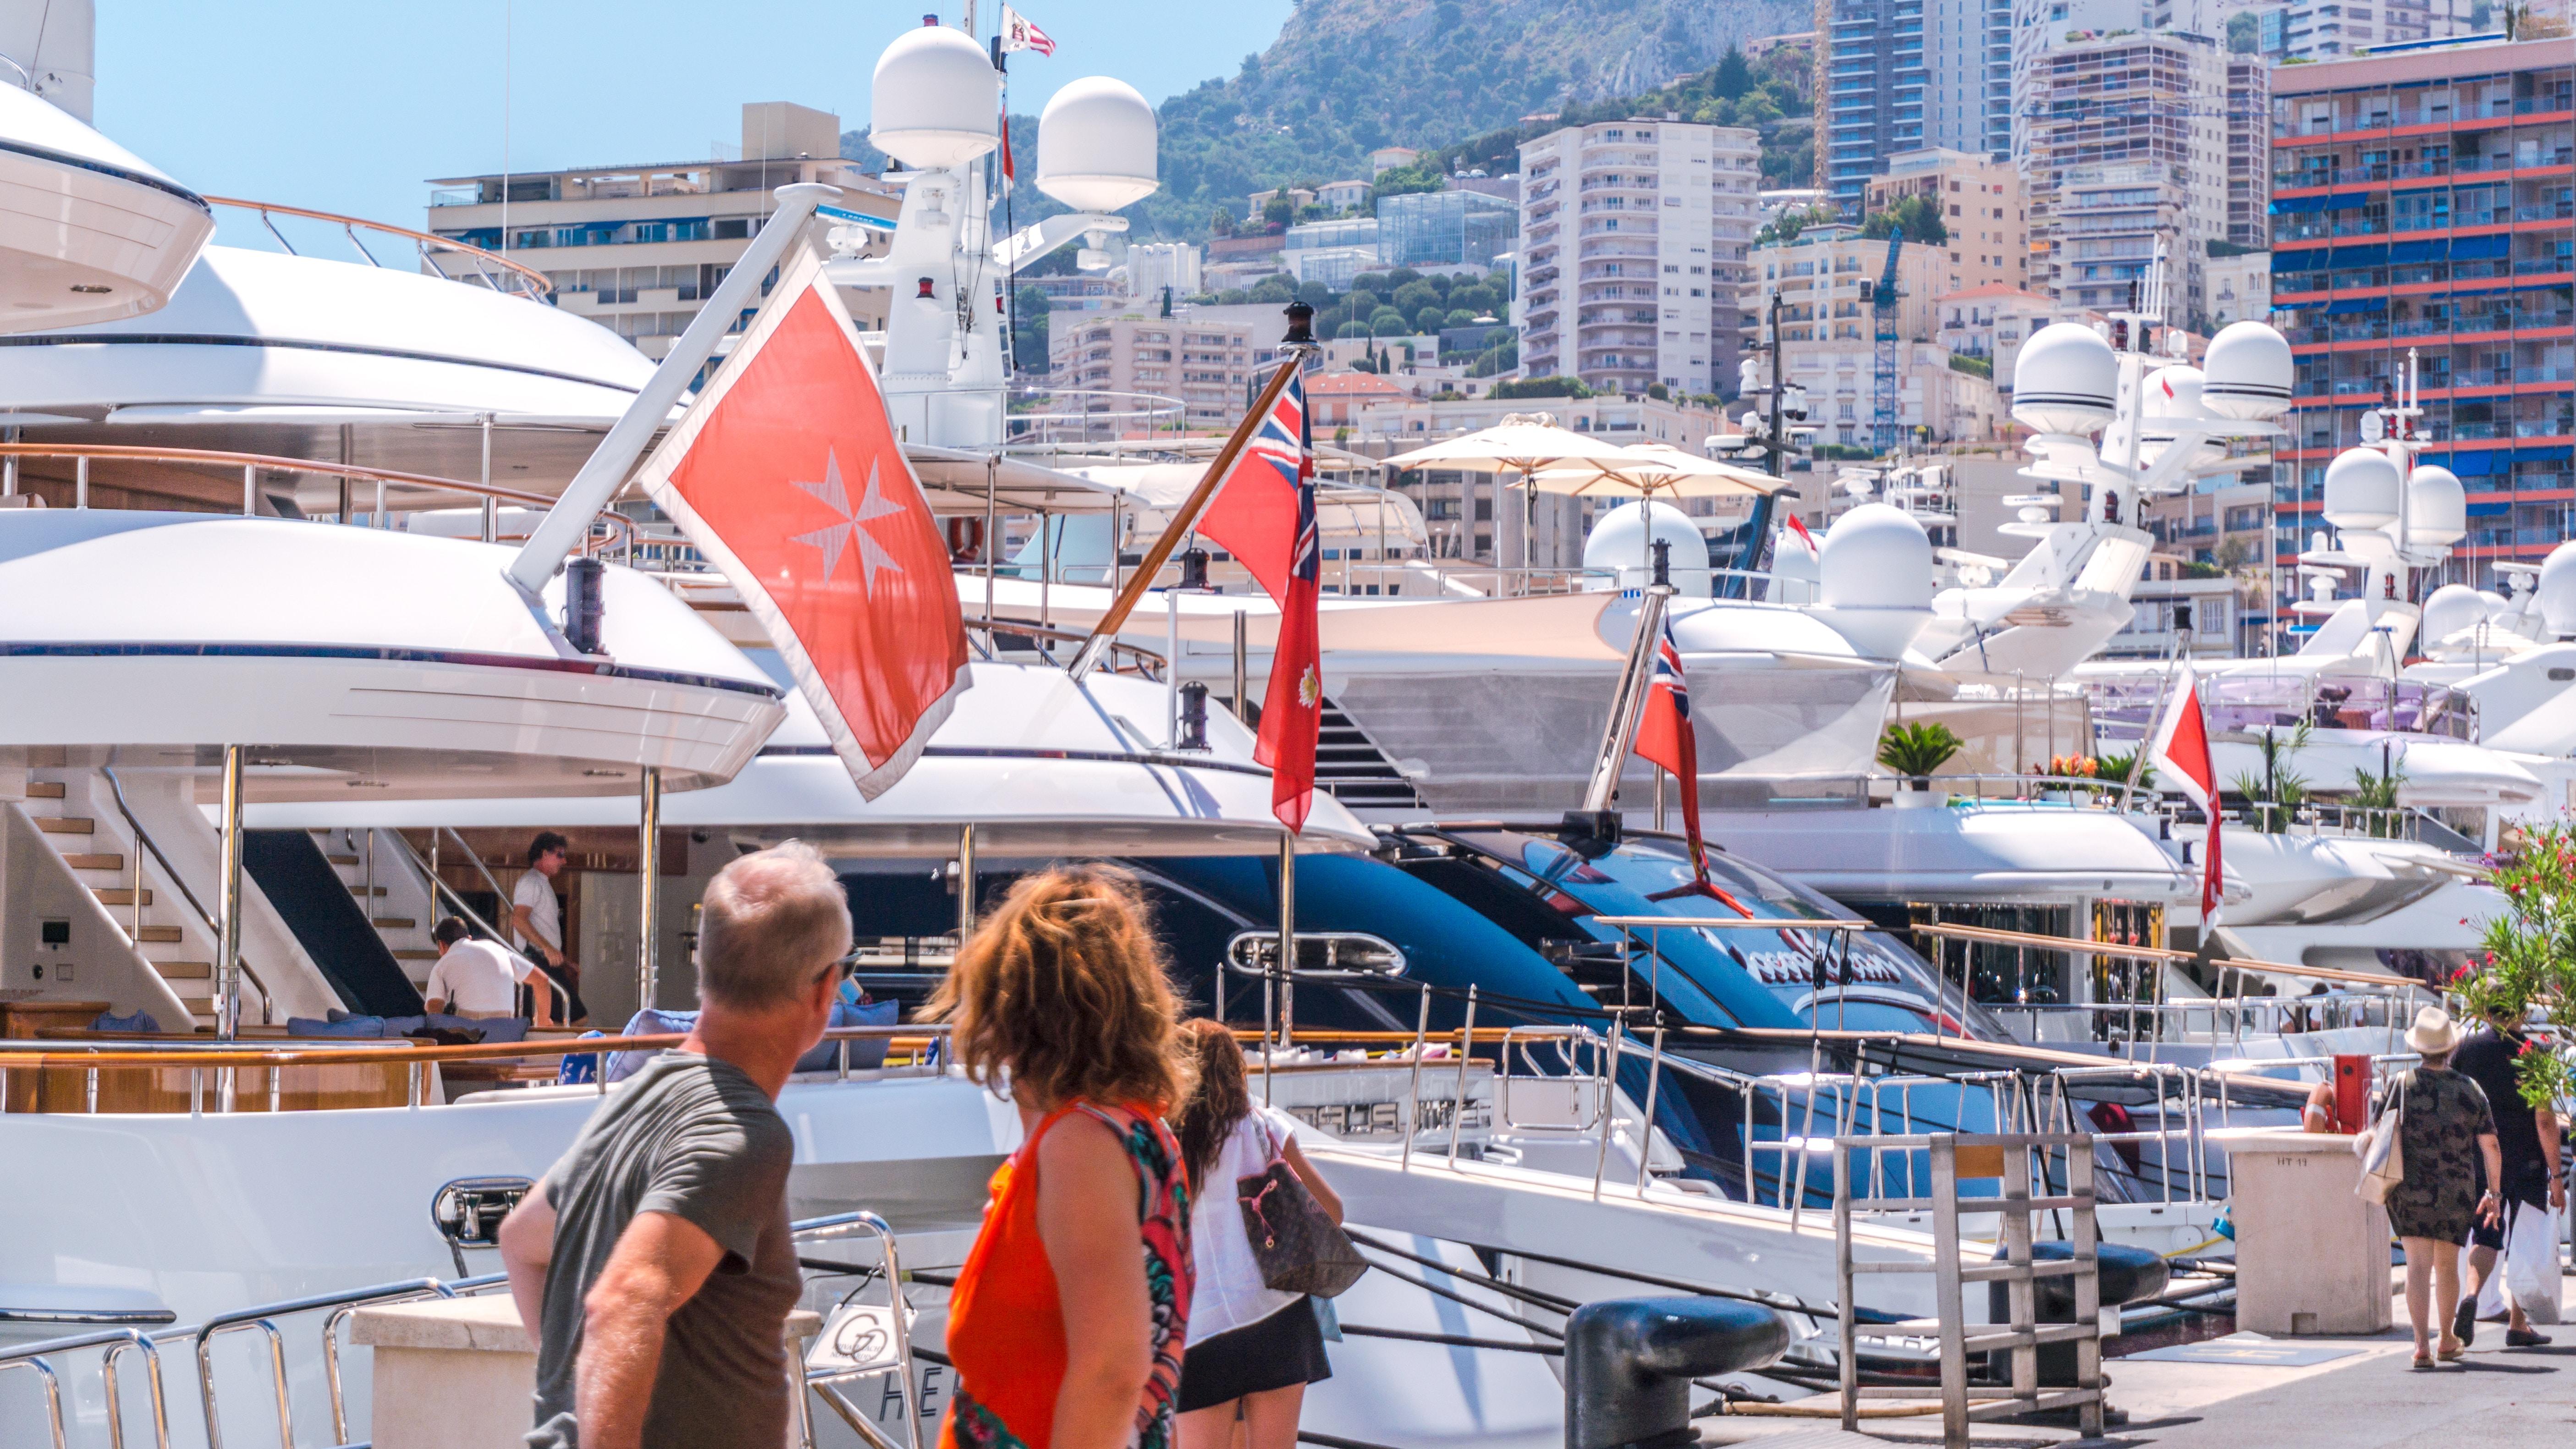 Monaco living in style